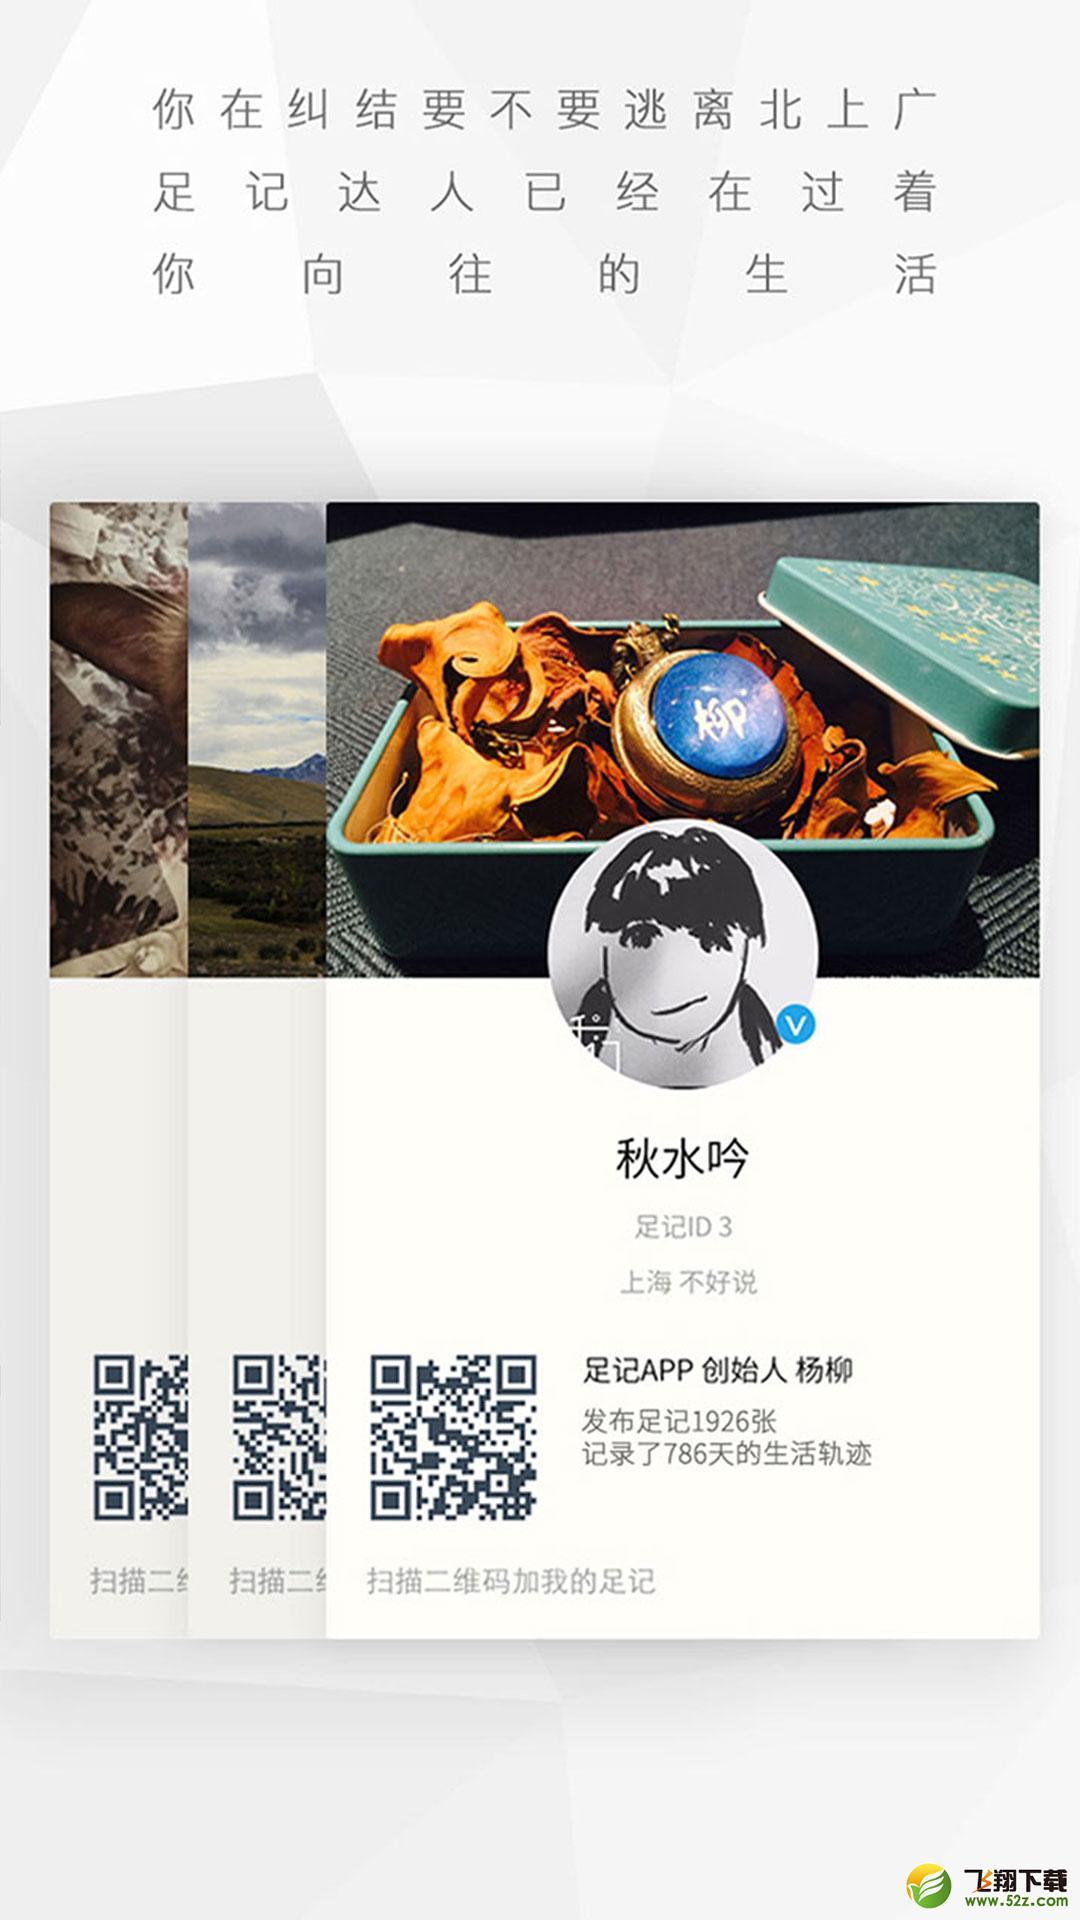 足记V4.1.0 安卓版_52z.com